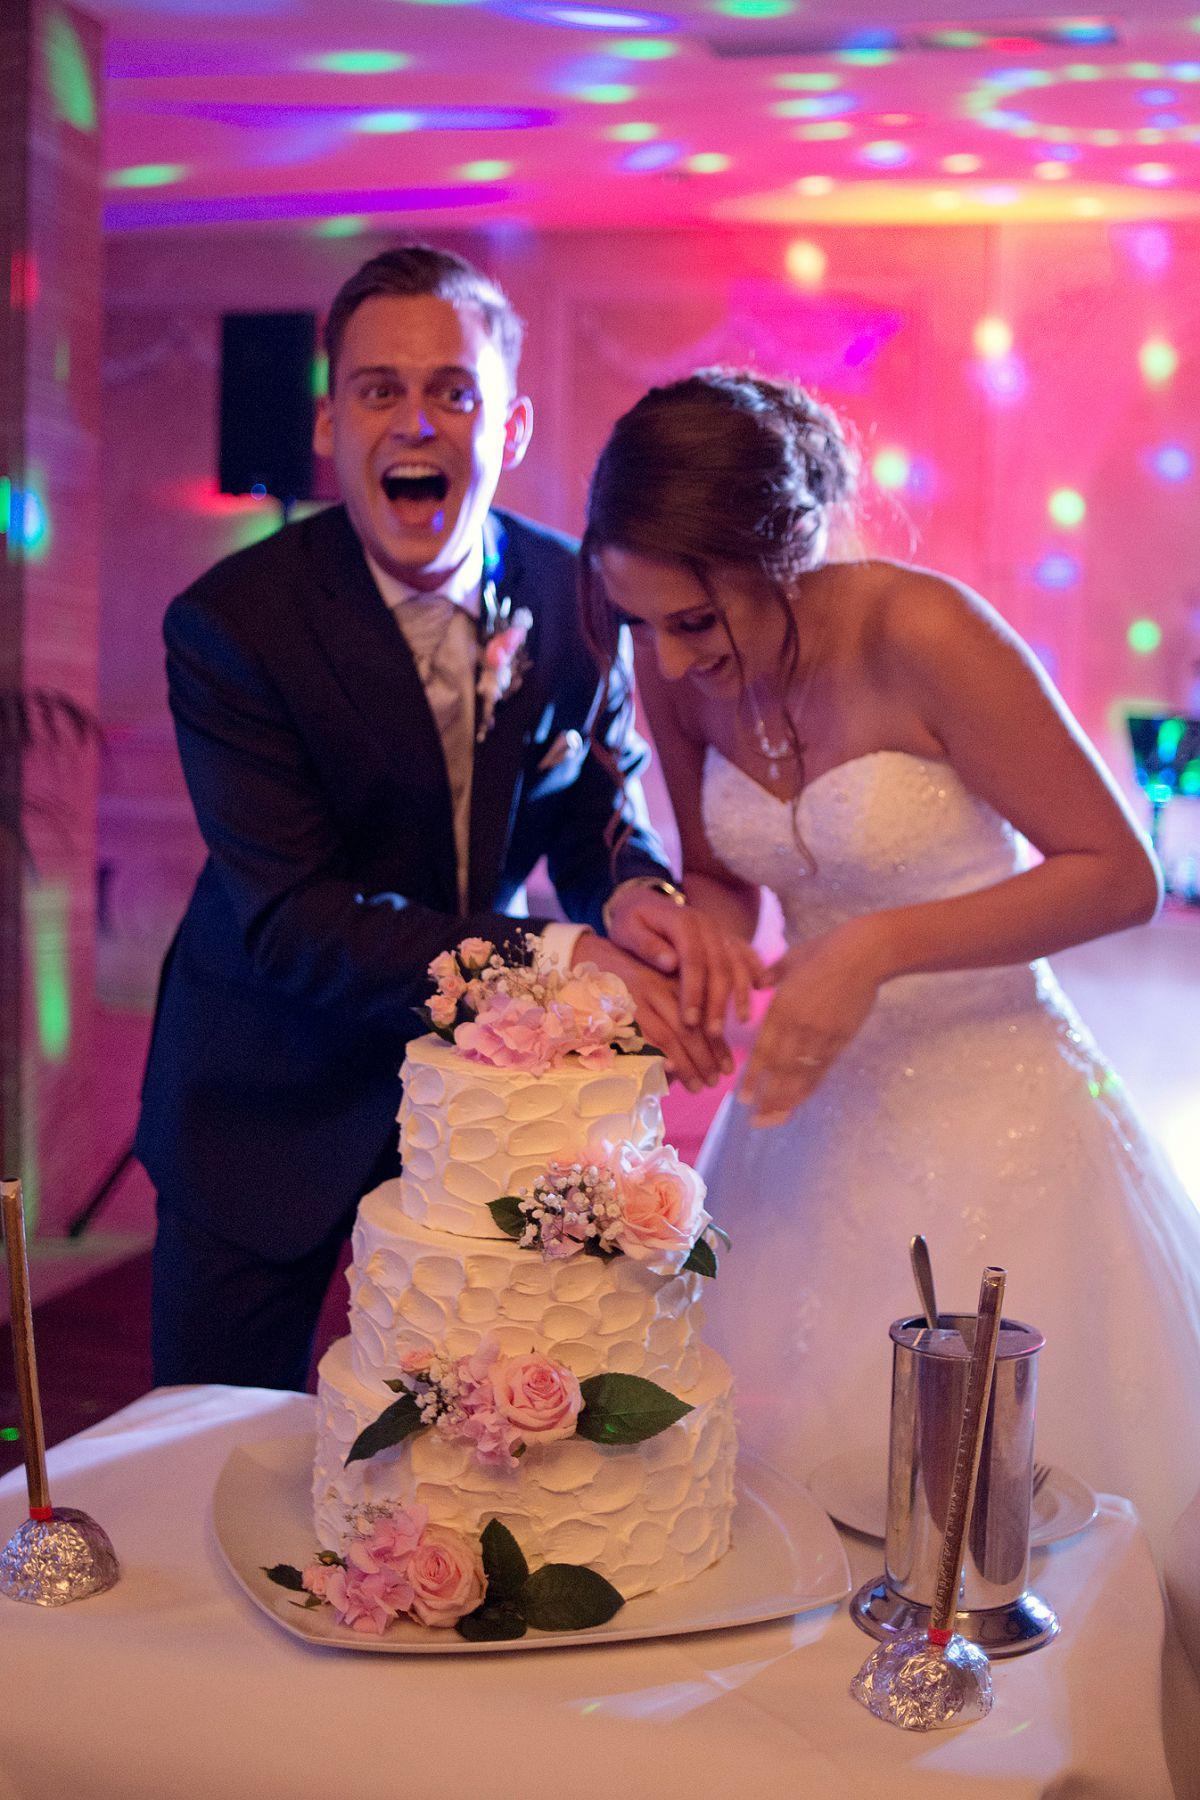 hochzeitstorte brautpaar anschneiden heiraten in frankfurt freie trauung taunus hochzeitsfotografin hochzeitsreportage